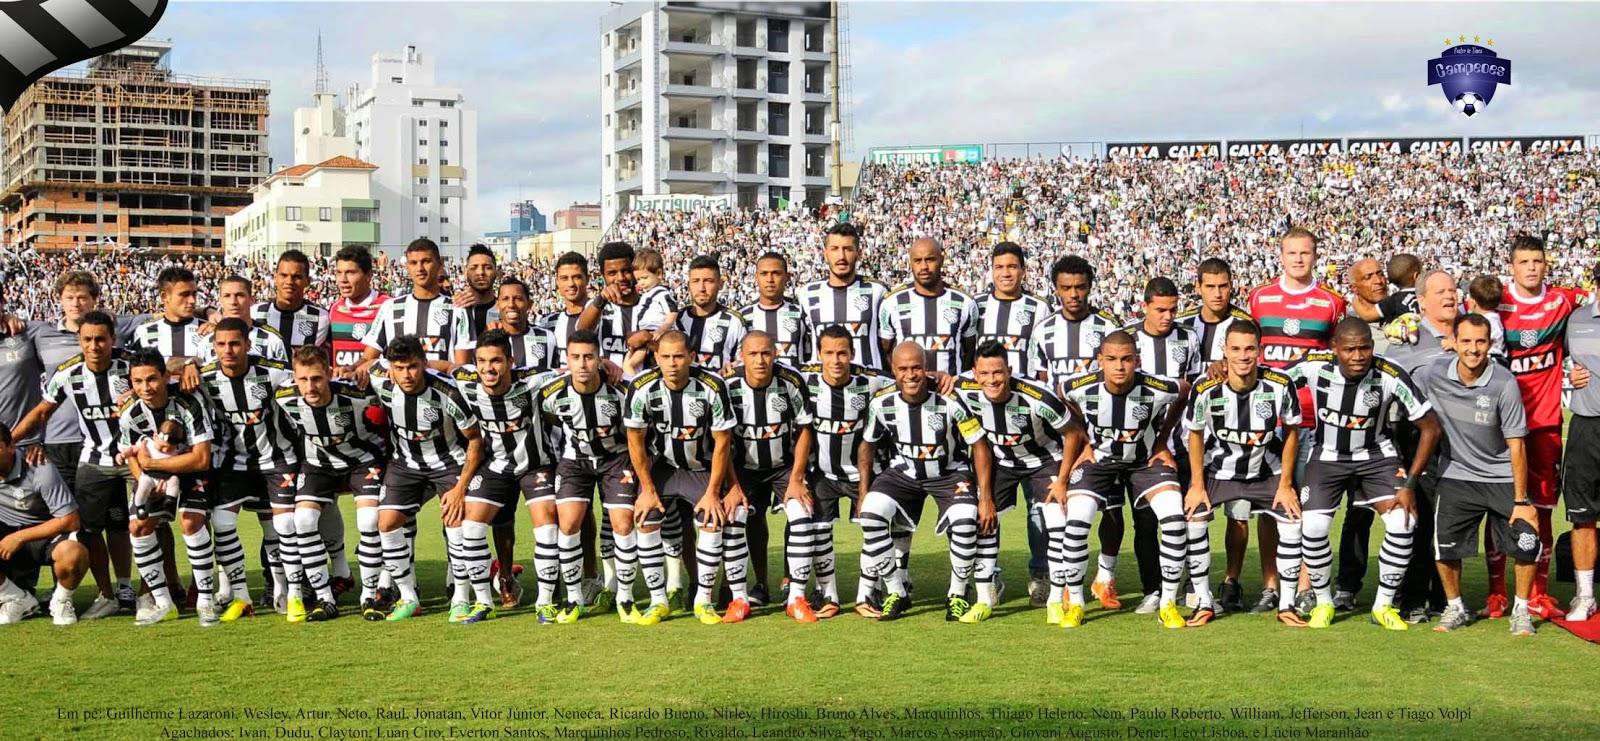 2014 (Figueirense): O Figueirense bateu o Joinville por 2 a 1 no Orlando Scarpelli e conquistou seu 16º título Catarinense – Foto: poster